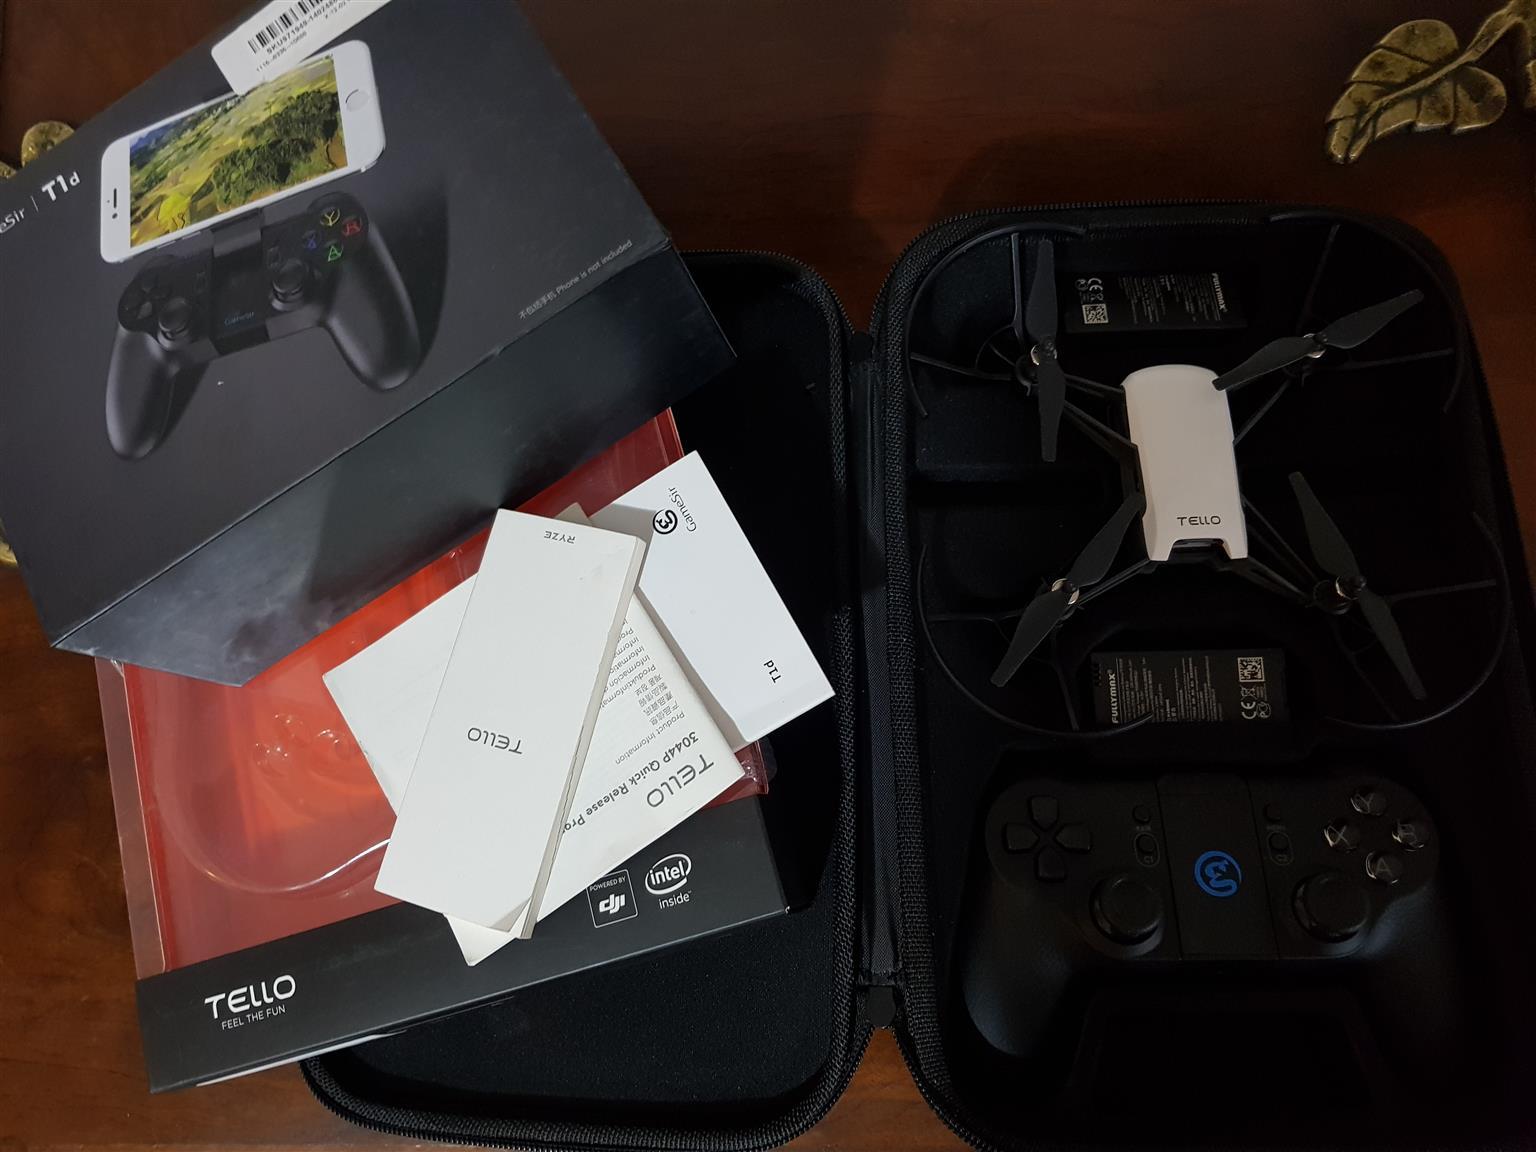 DJI Tello Drone and Accessories